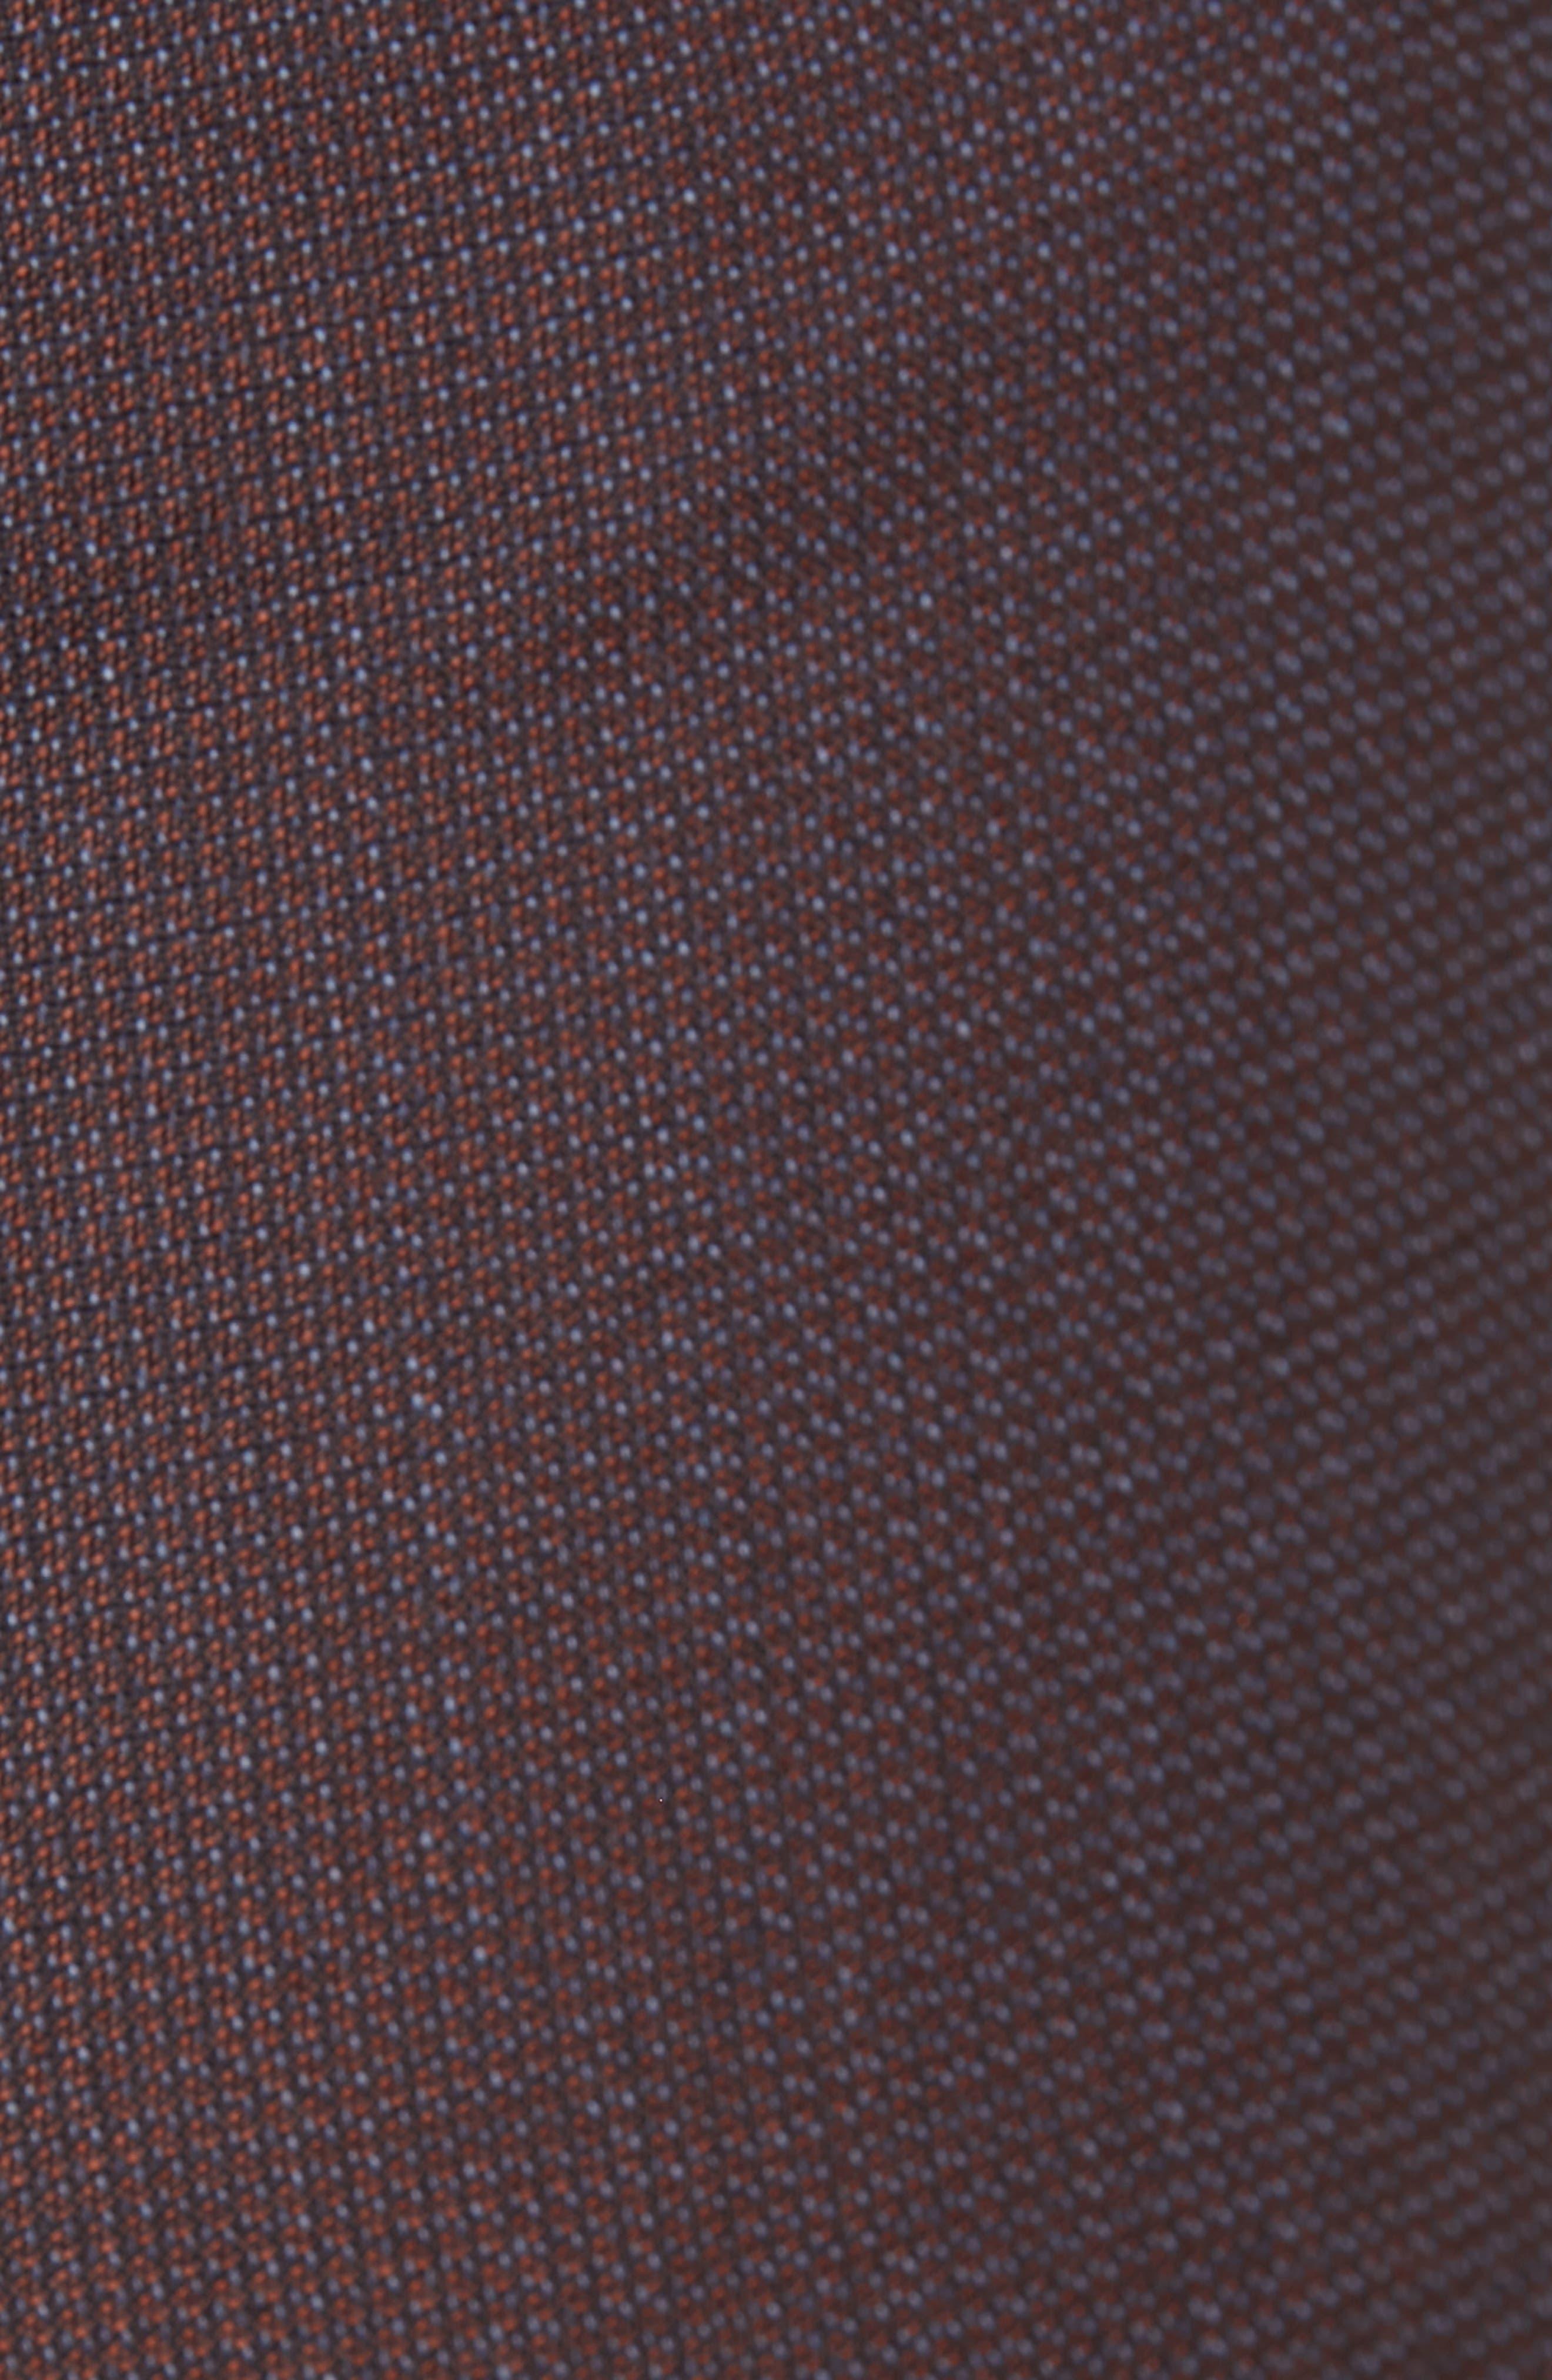 Tamea Slim Wool Suit Pants,                             Alternate thumbnail 6, color,                             DARK BERRY FANTASY